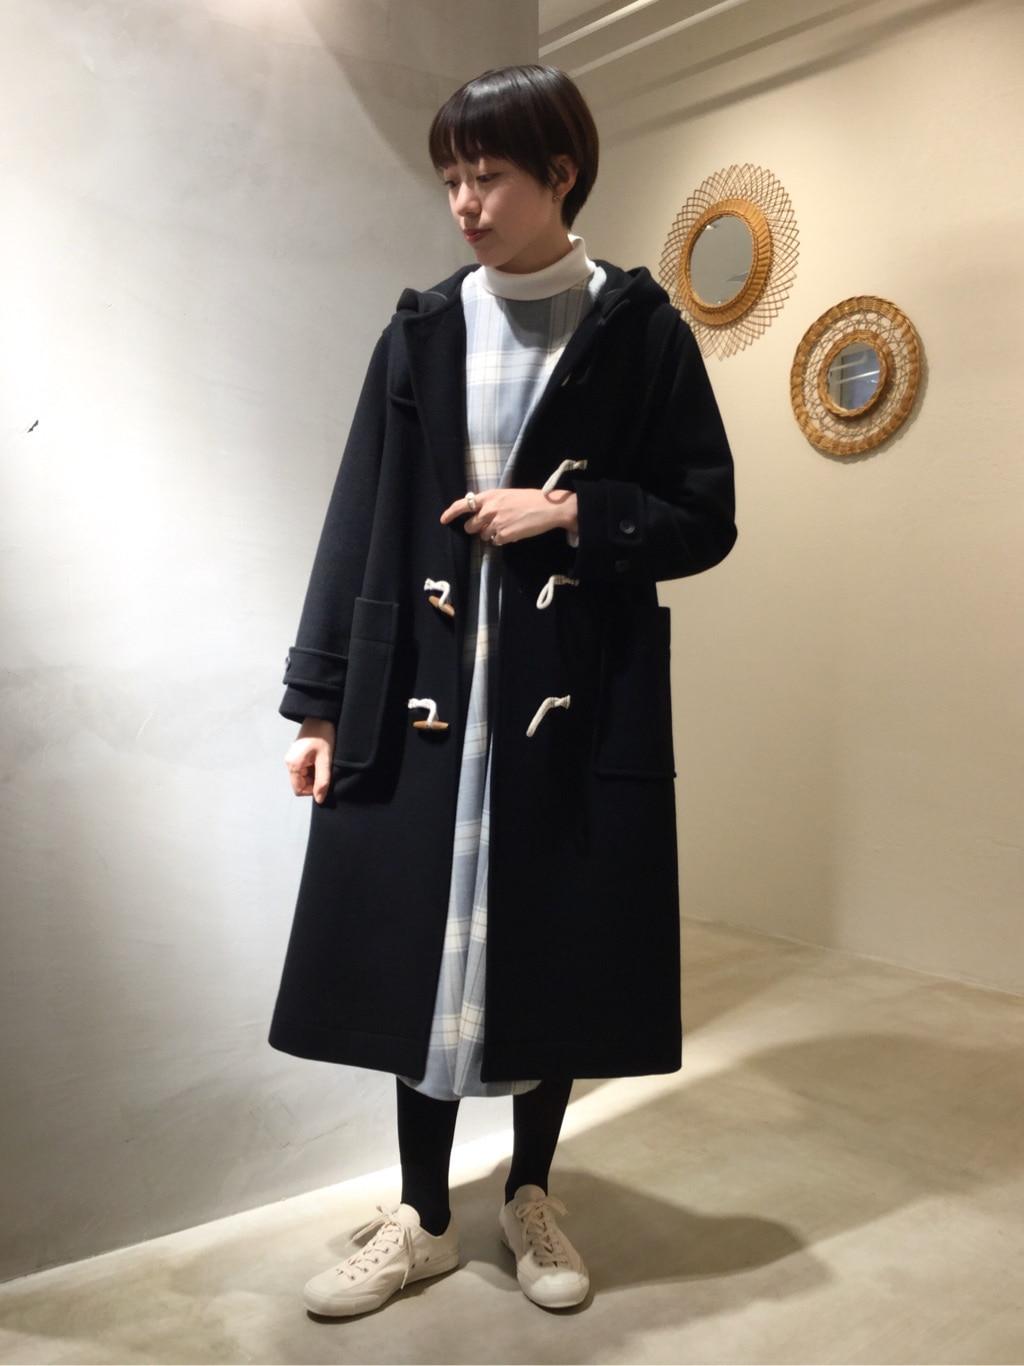 ニュウマン横浜 2020.11.11